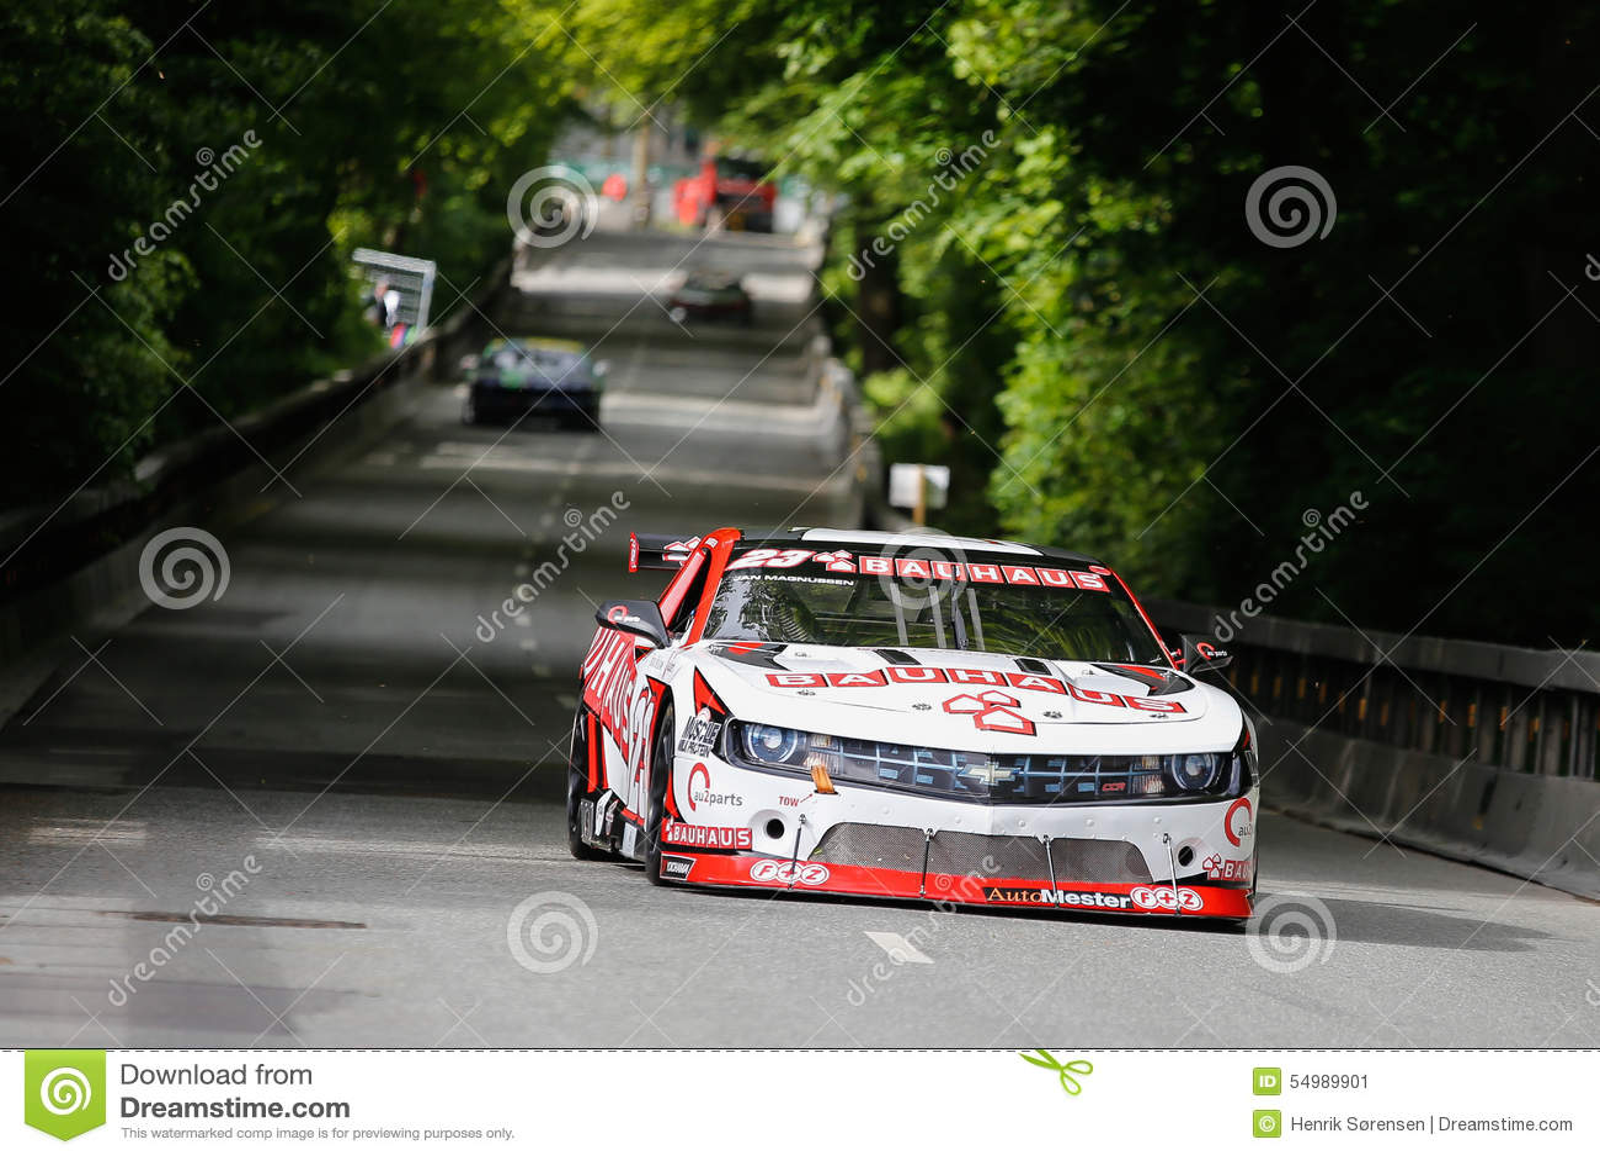 Jan Magnussen che conduce la corsa